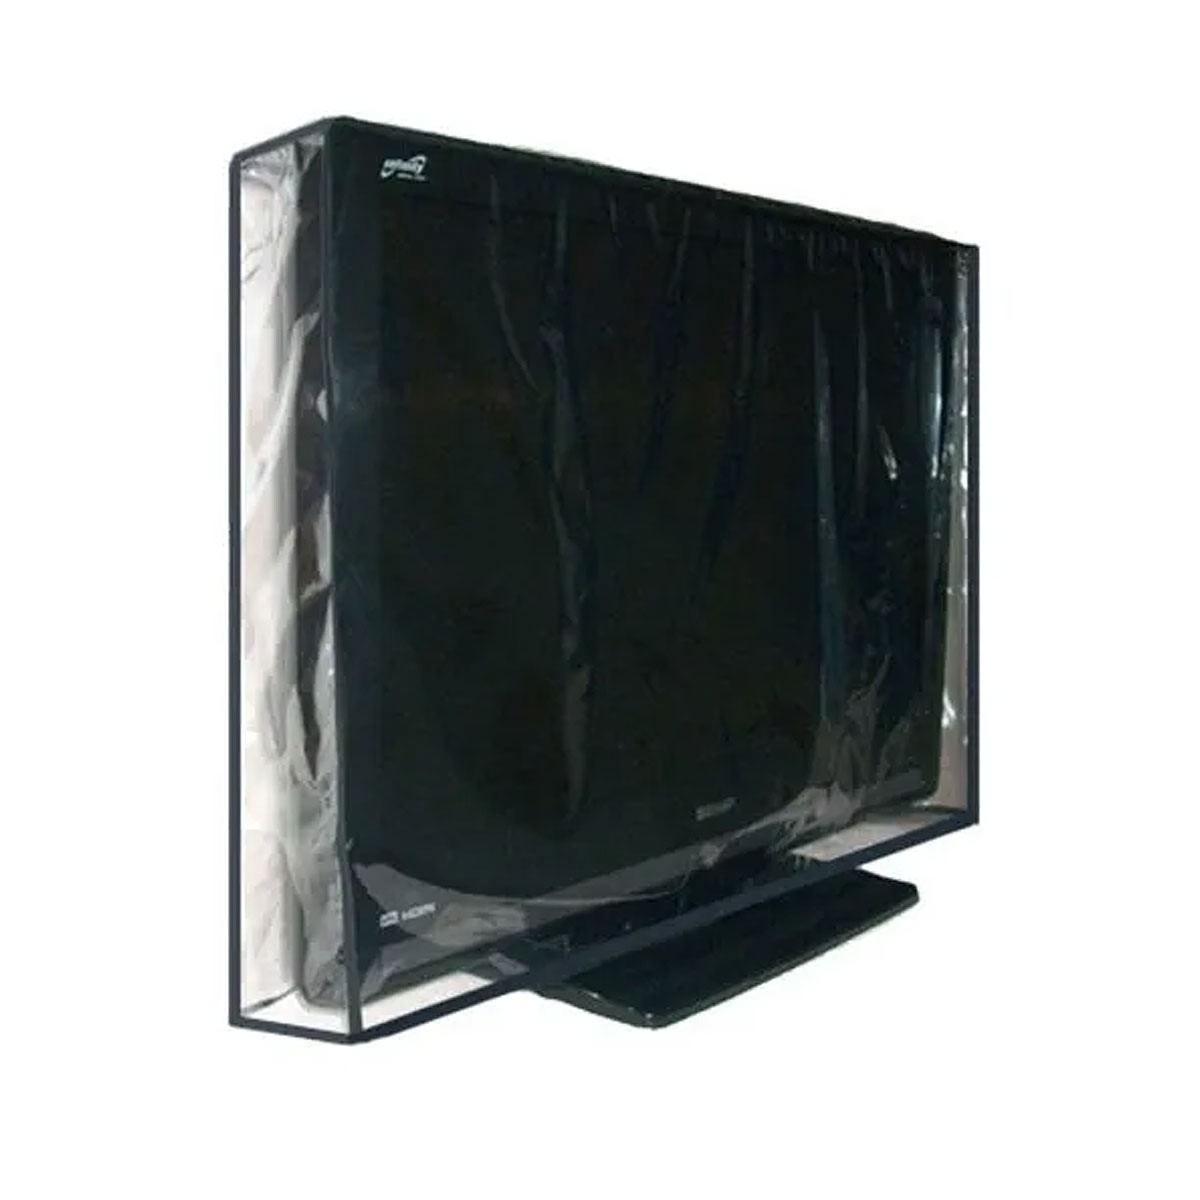 Capa Em Pvc Cristal Para Tv Lcd 42 / 43 - Fechada Atrás